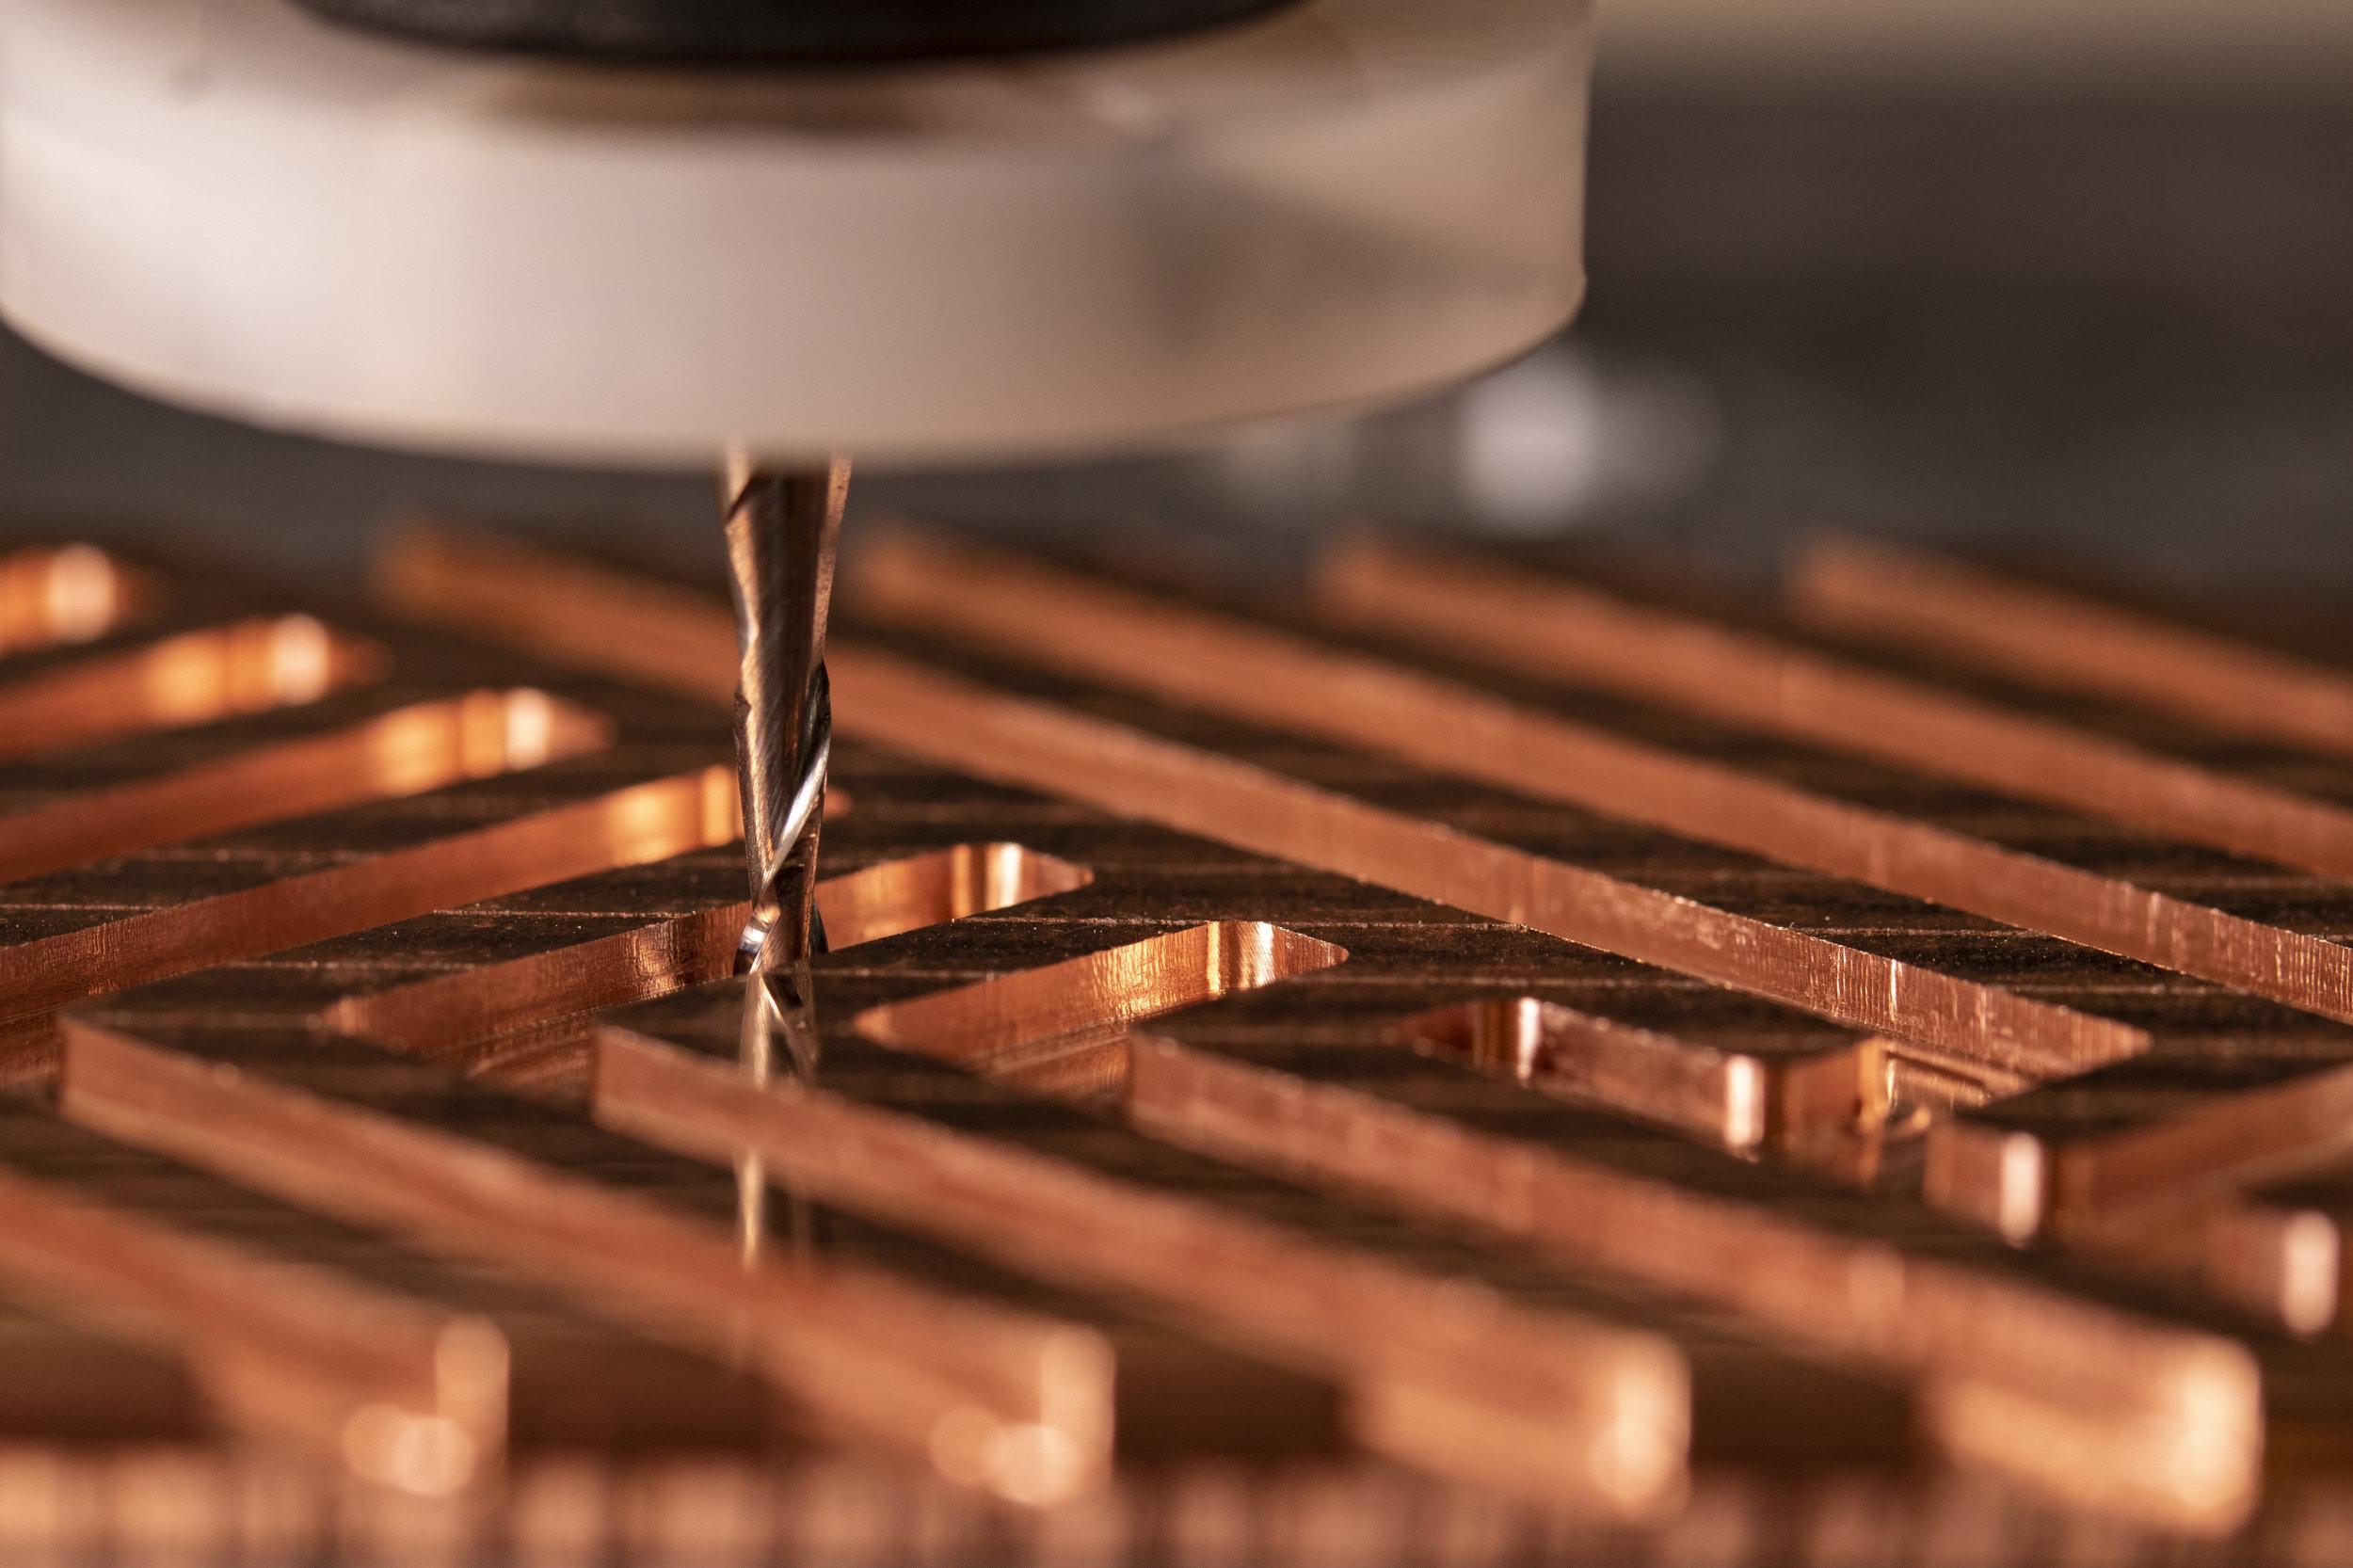 CNC-Materials-Copper-Bantam-Tools